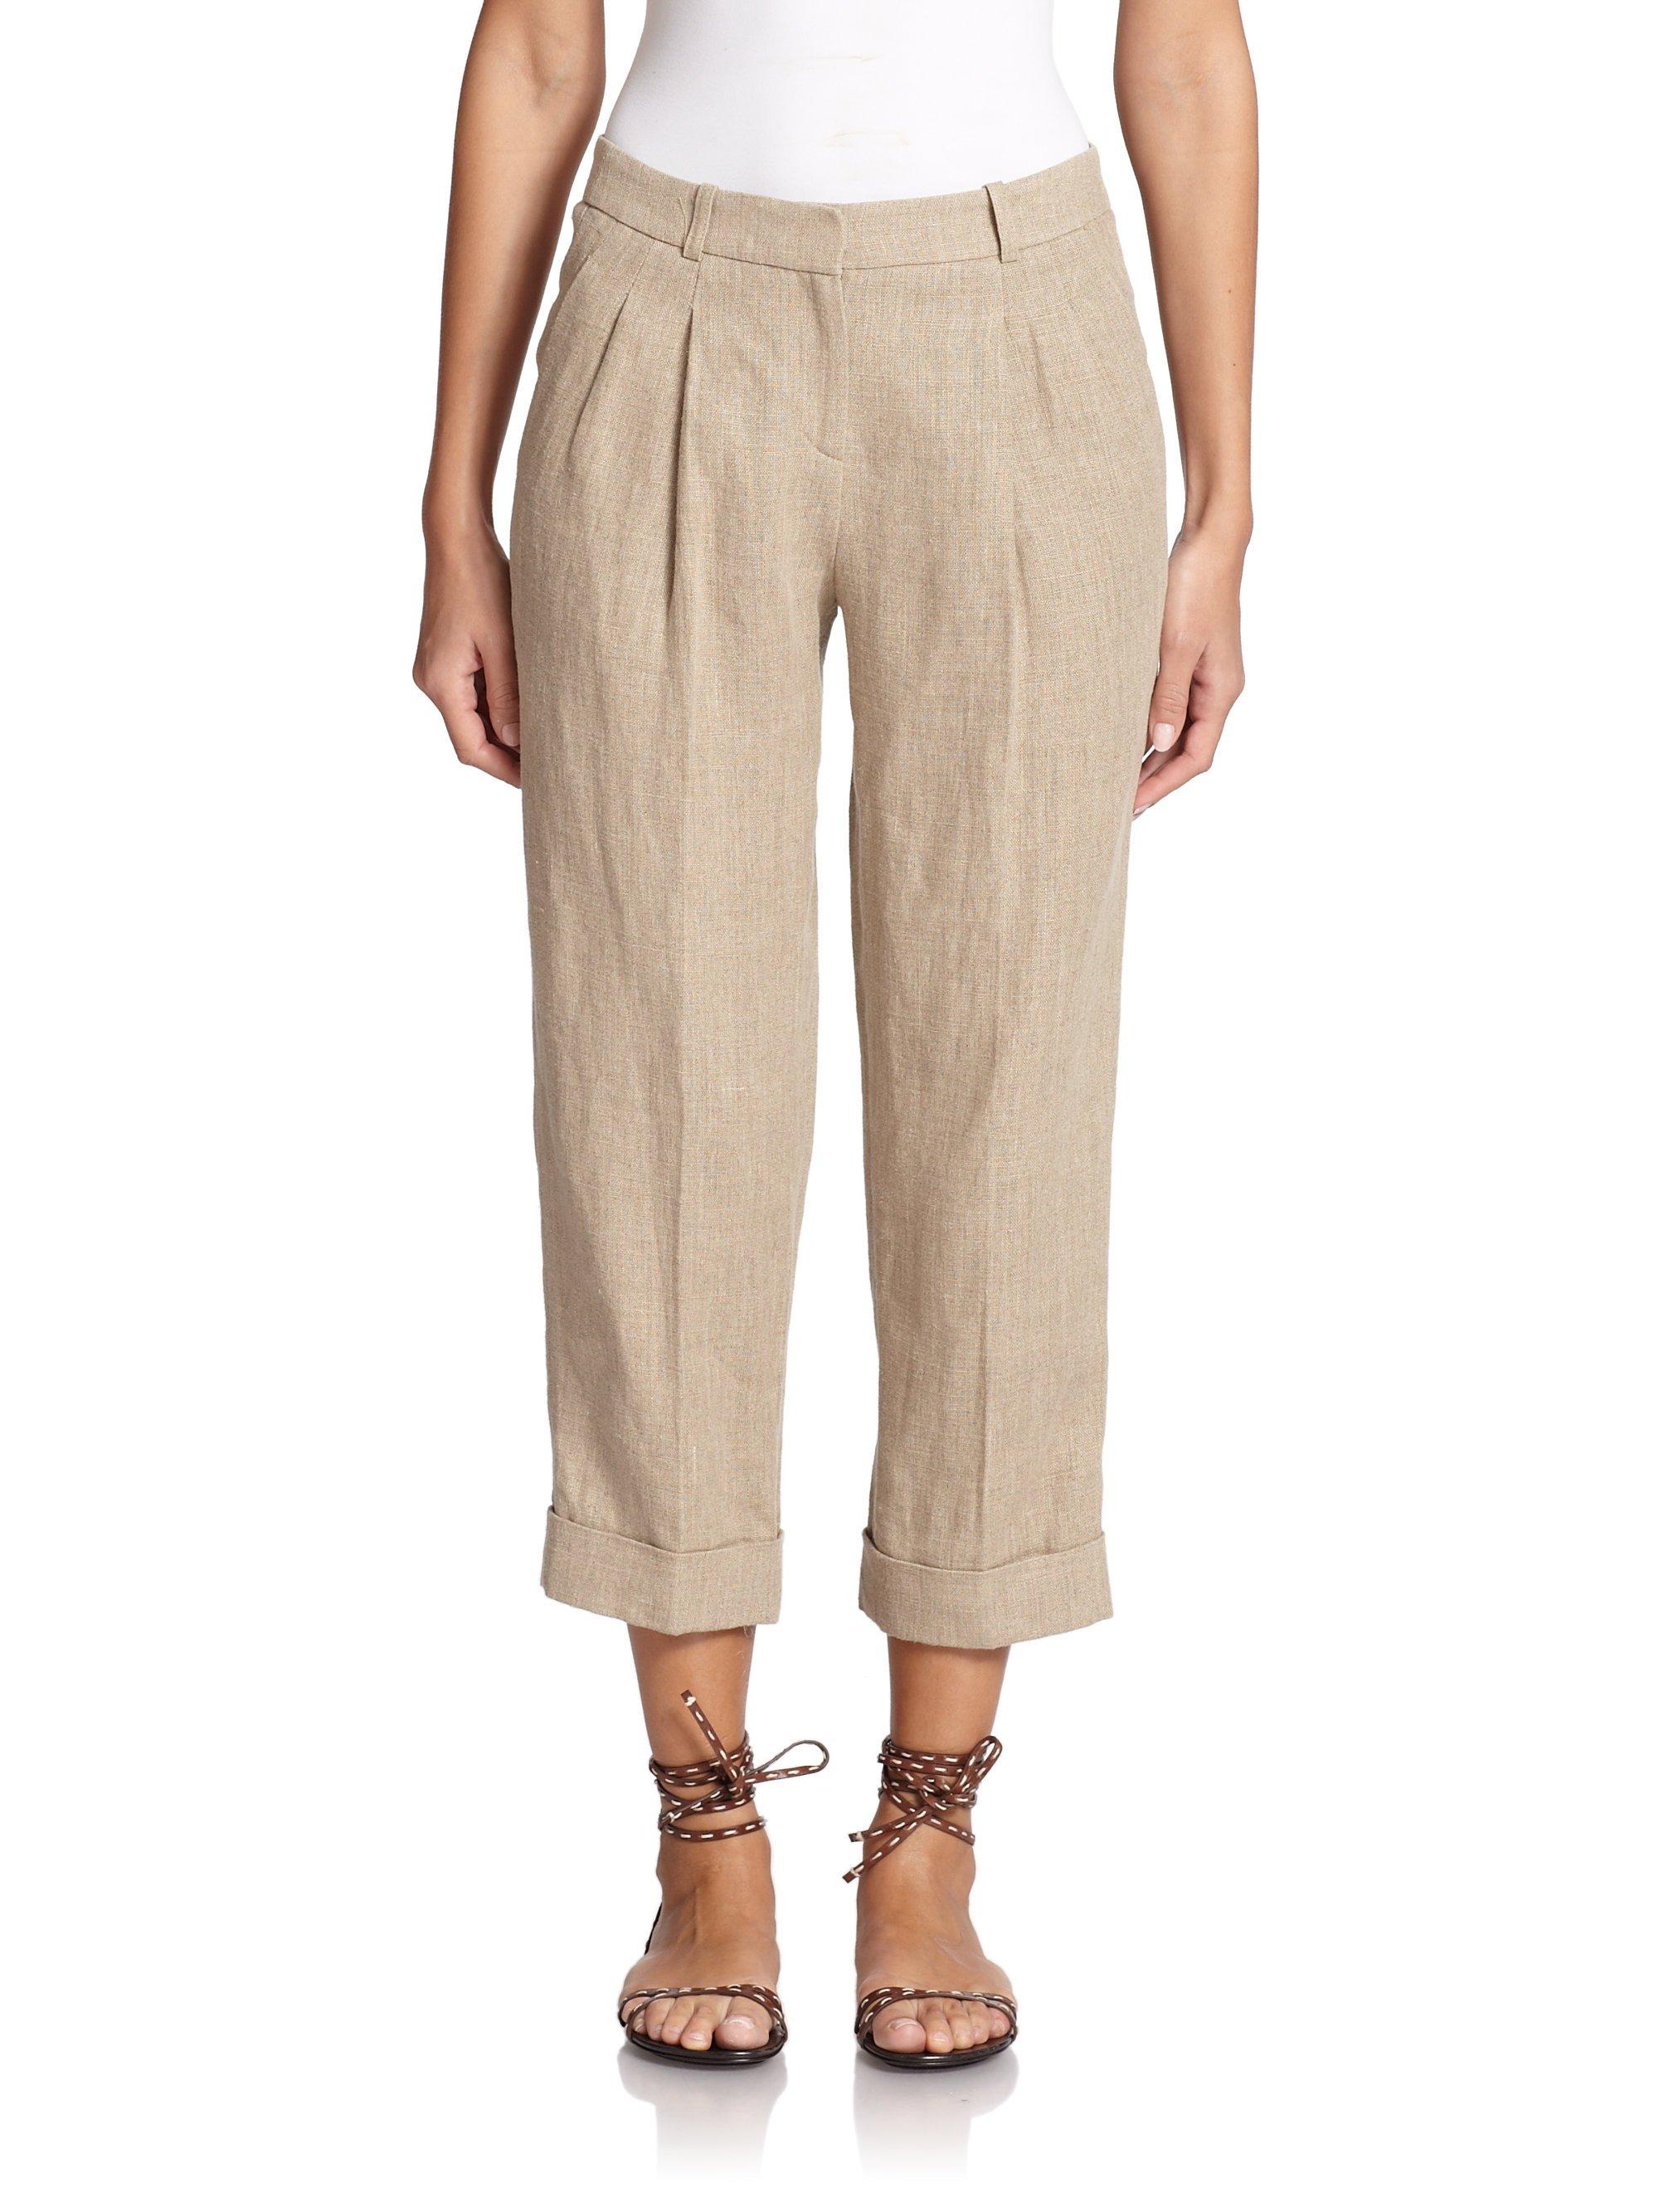 michael kors hemp linen capri pants in natural